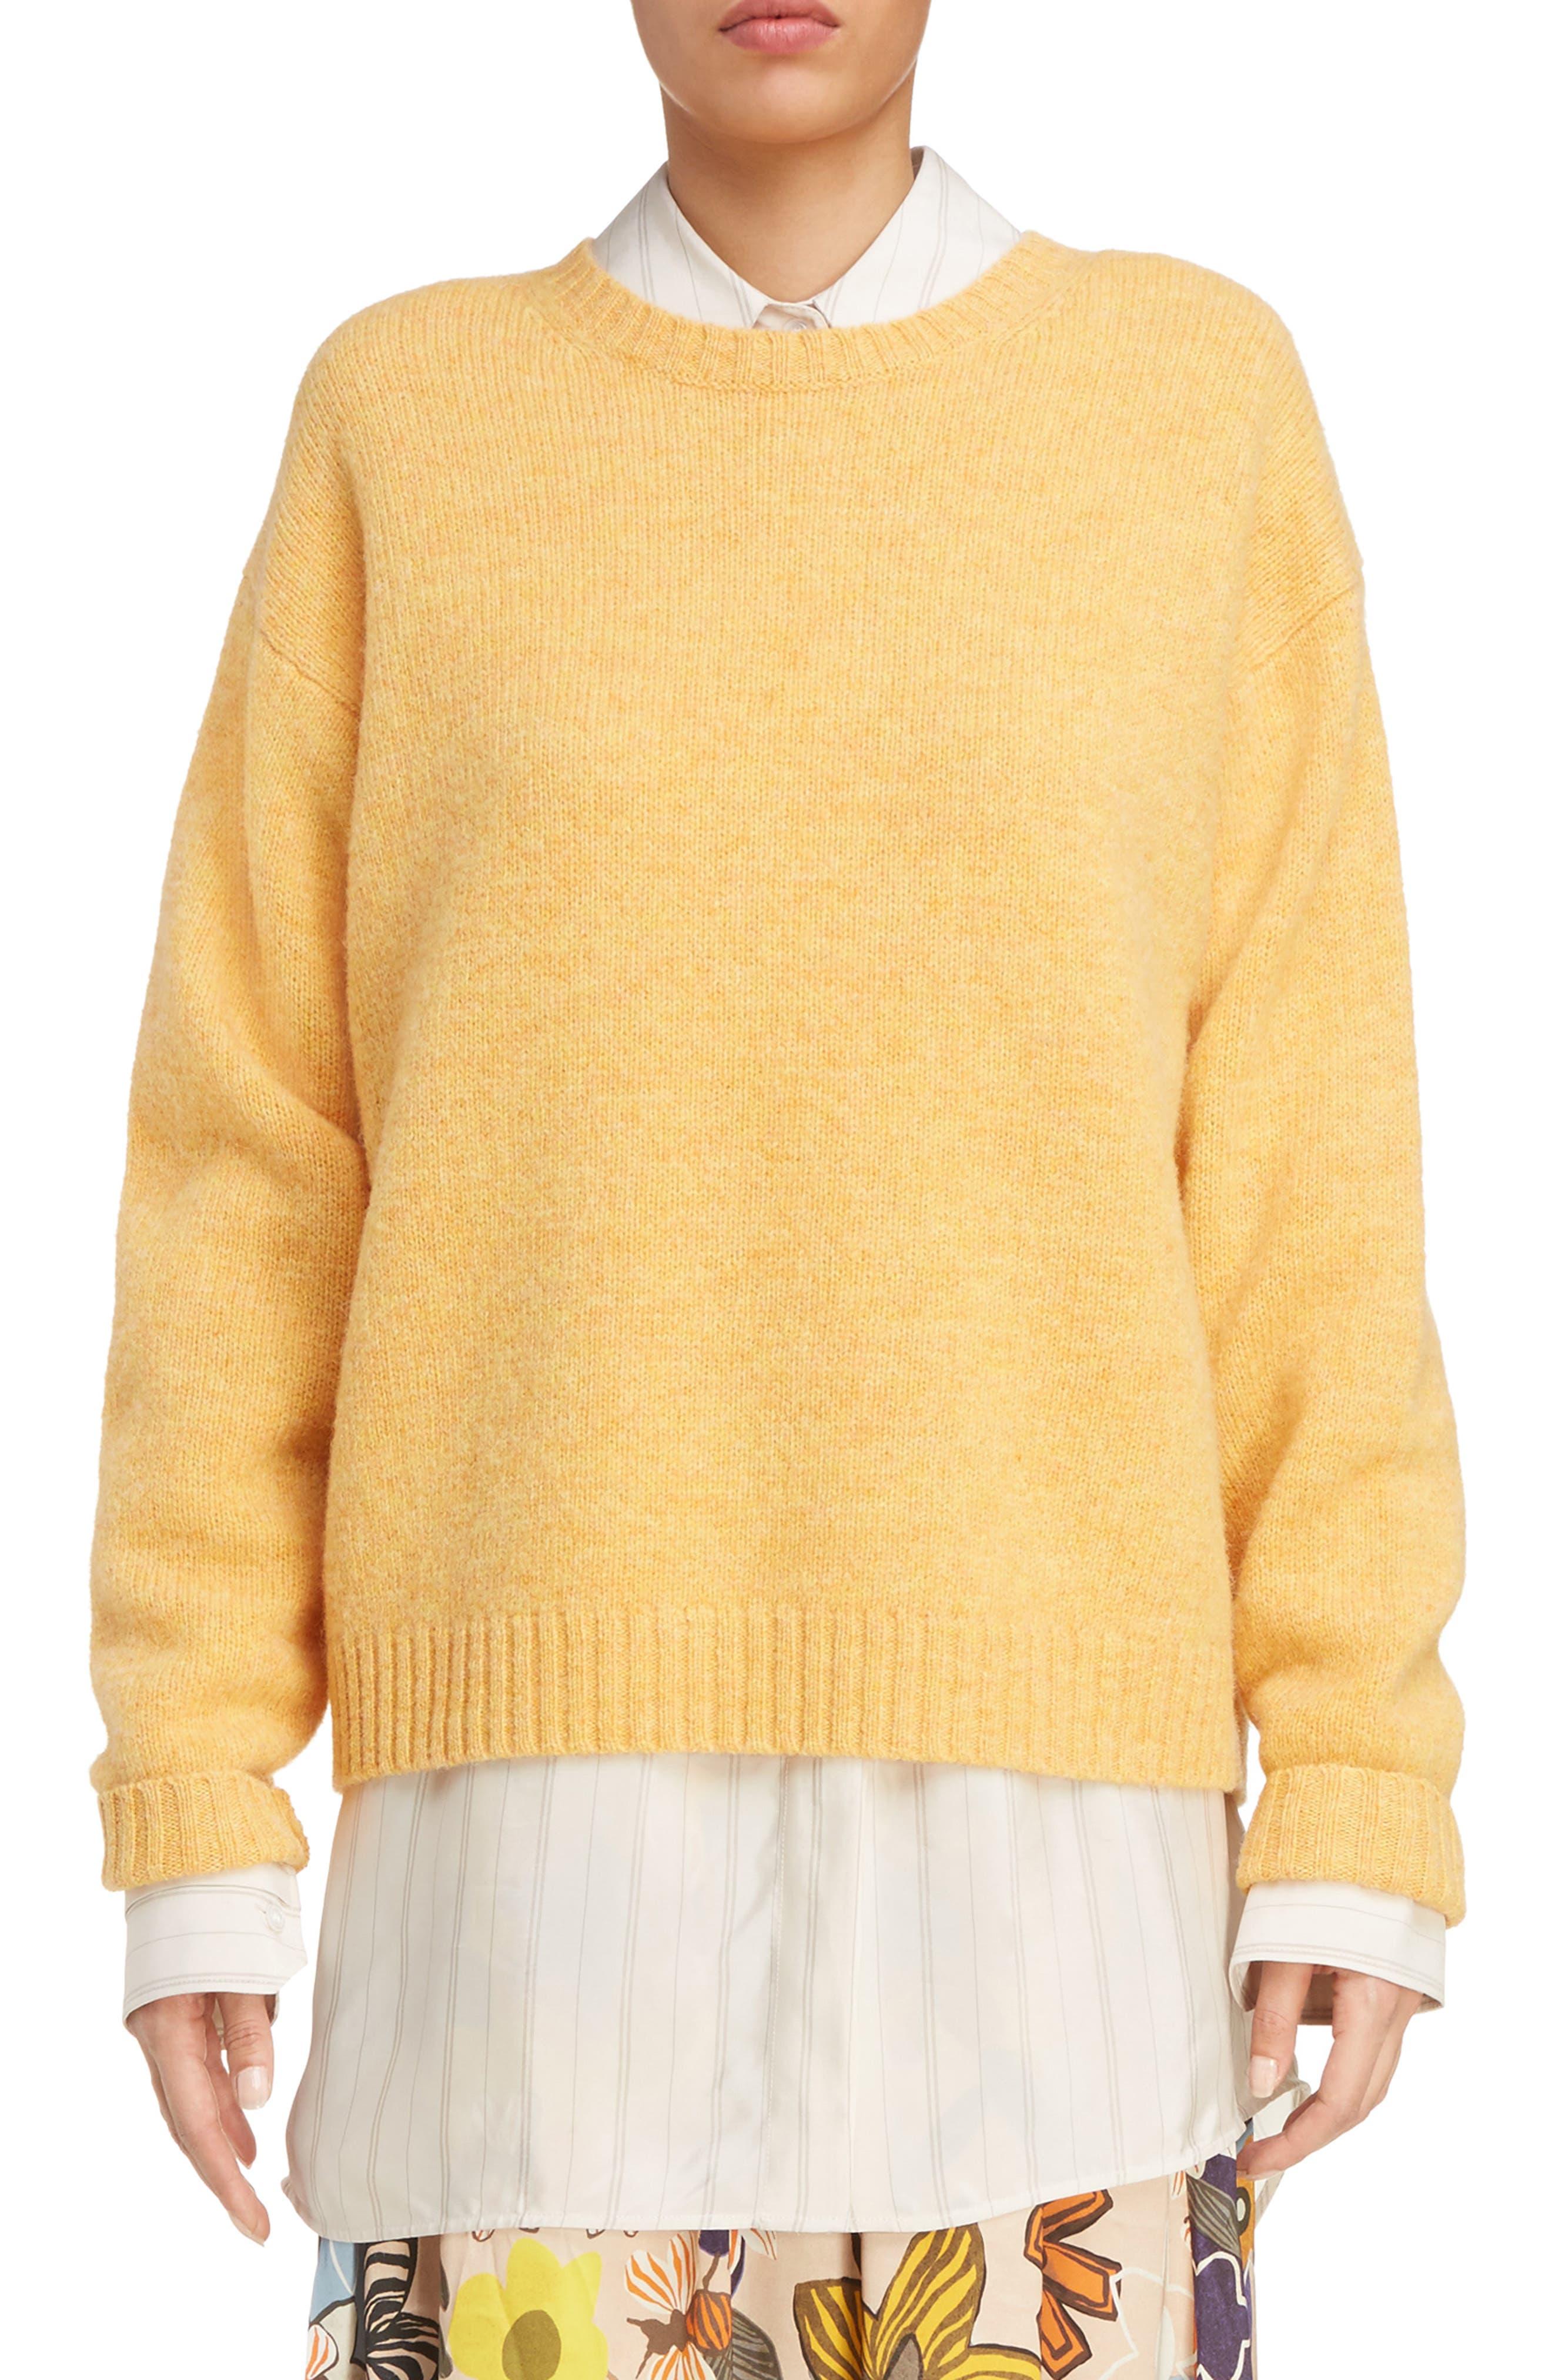 ACNE Studios Samara Fuller Fit Sweater